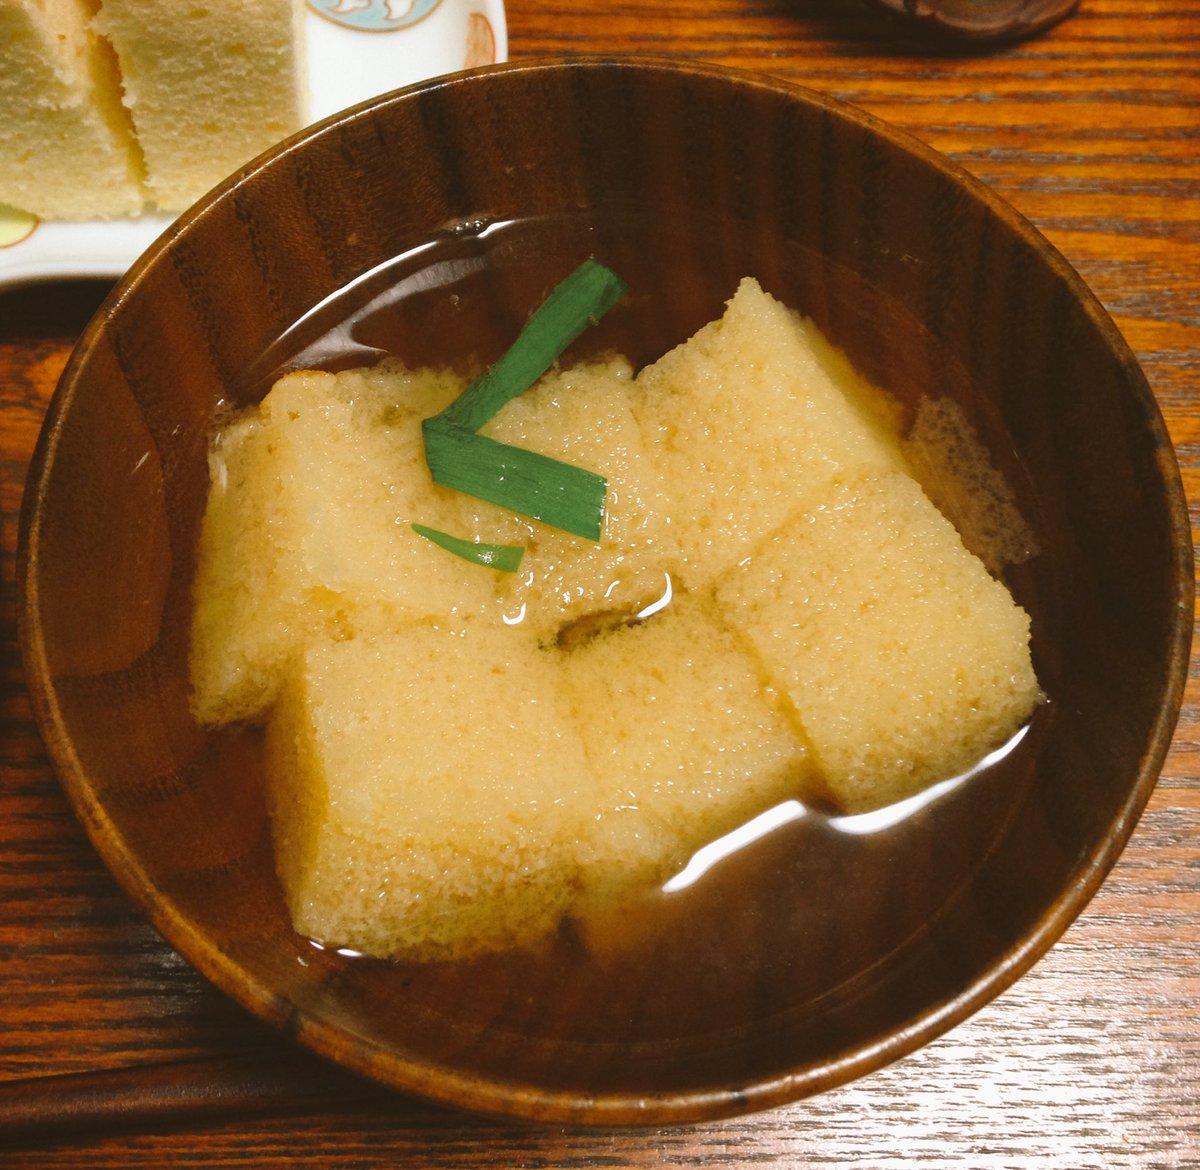 江戸時代のカステラの食べ方がおしゃれすぎる!美味しいから絶対真似したくなる!